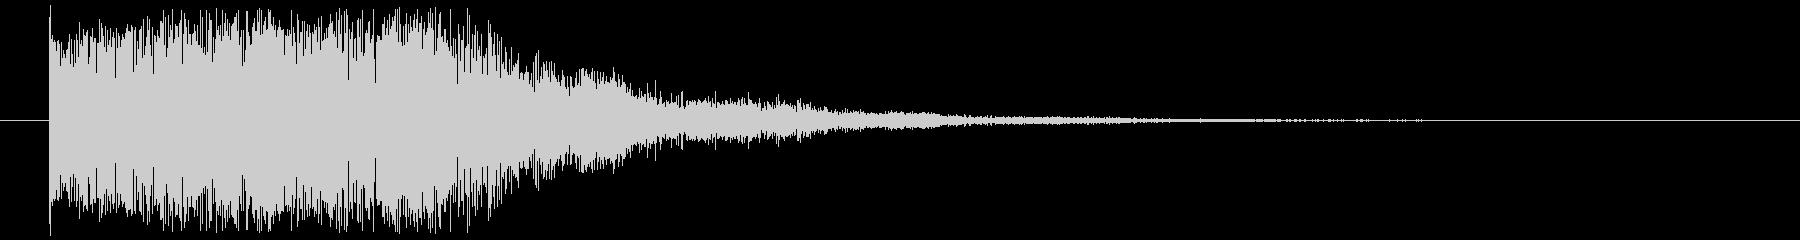 【キャンセル音】歪な,セレクト,ボタン音の未再生の波形